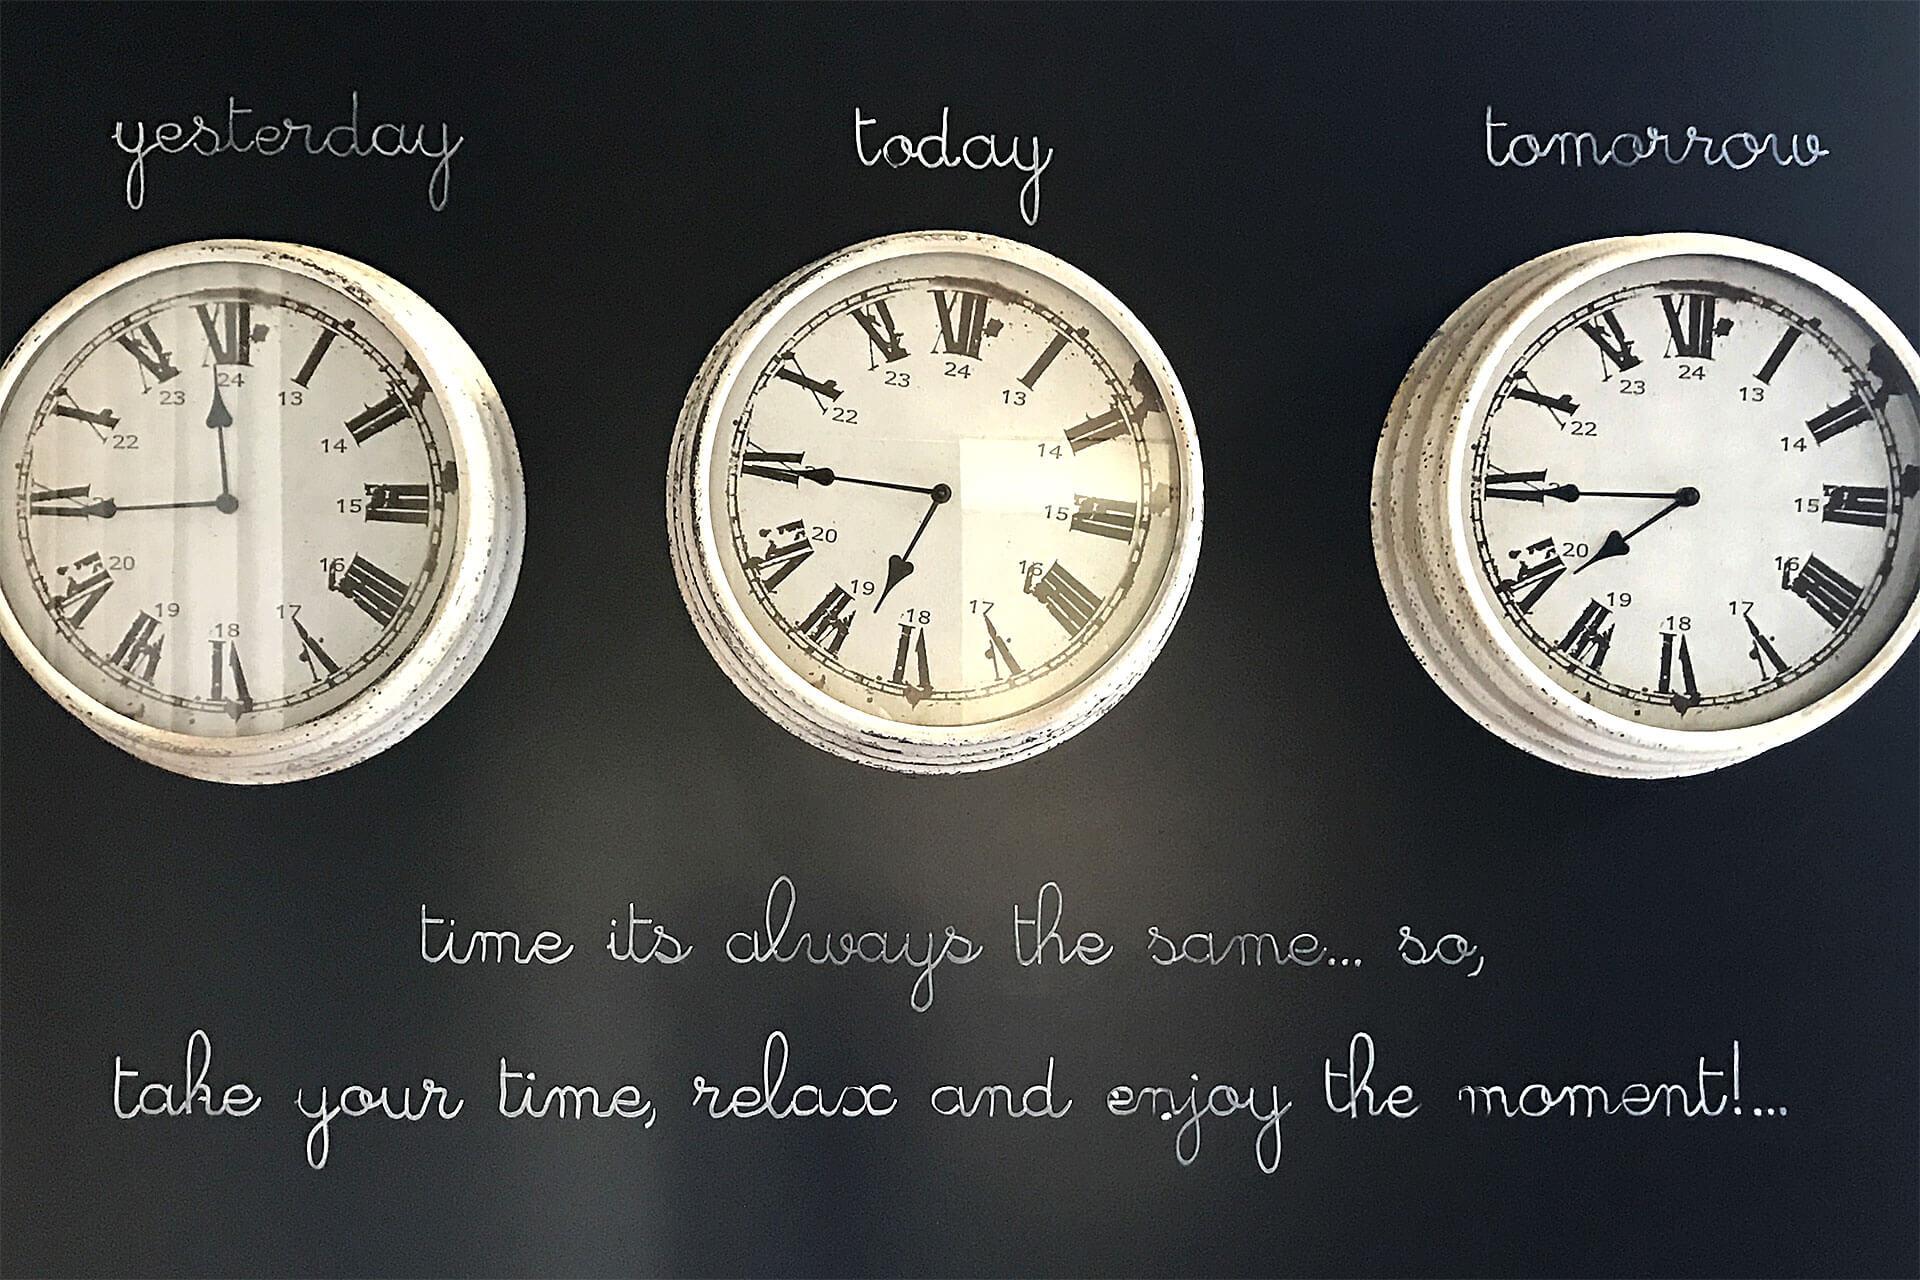 Relógios antigos numa parede negra, com palavras e citações escritas a giz